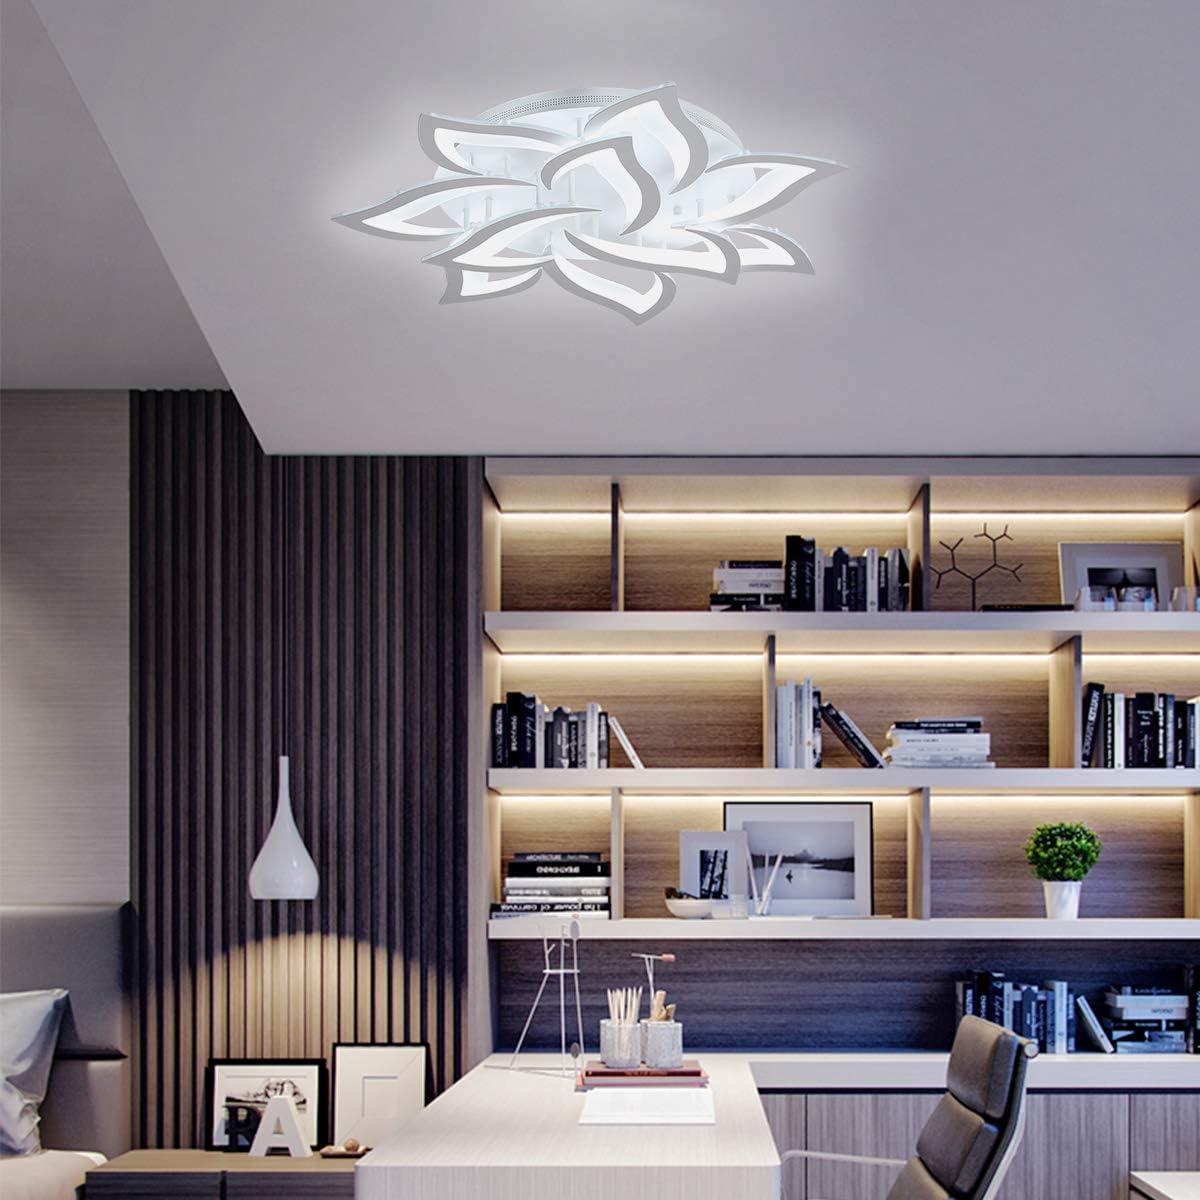 Garwarm LED Ceiling Light 72W 10 Heads Petal Modern Flush Mount Acrylic Ceiling Lamp Chandelier Lighting Fixture for Living Room Bedroom Kitchen, Cool White 6500K - -